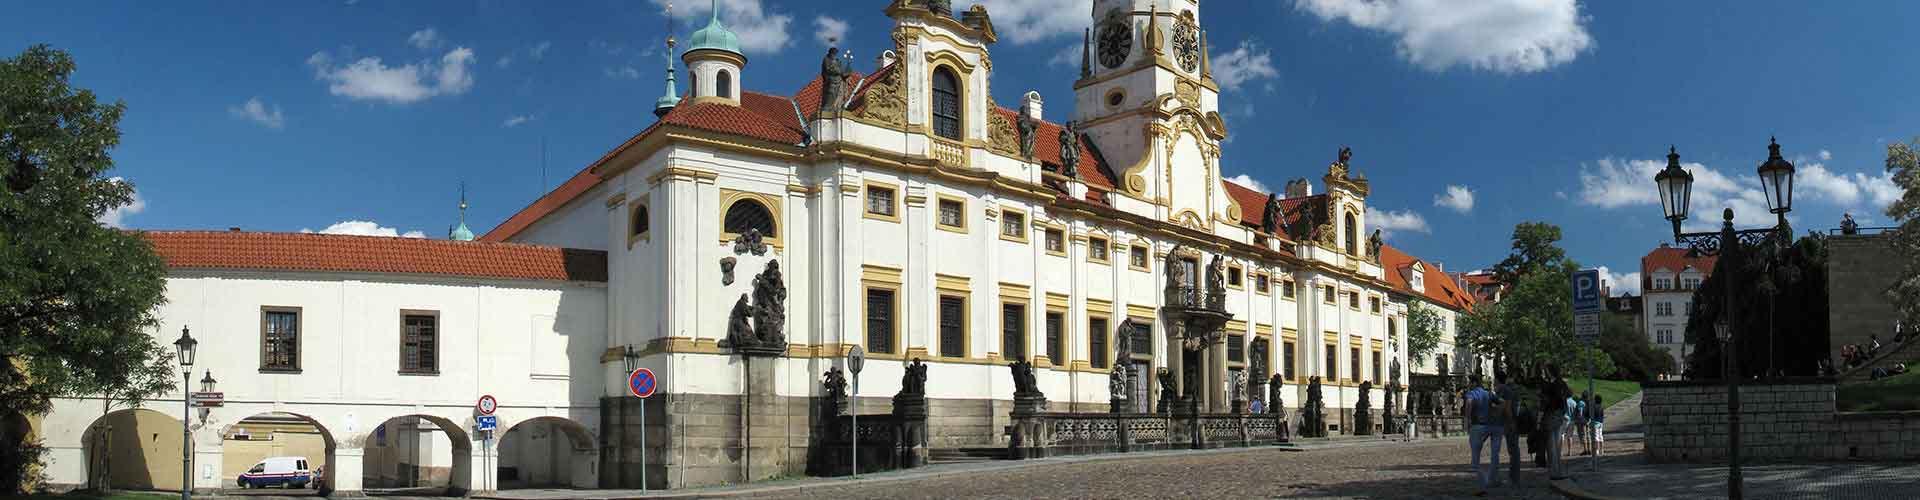 布拉格 – 罗瑞塔教堂附近的公寓。布拉格地图,布拉格每间公寓的照片和评价。